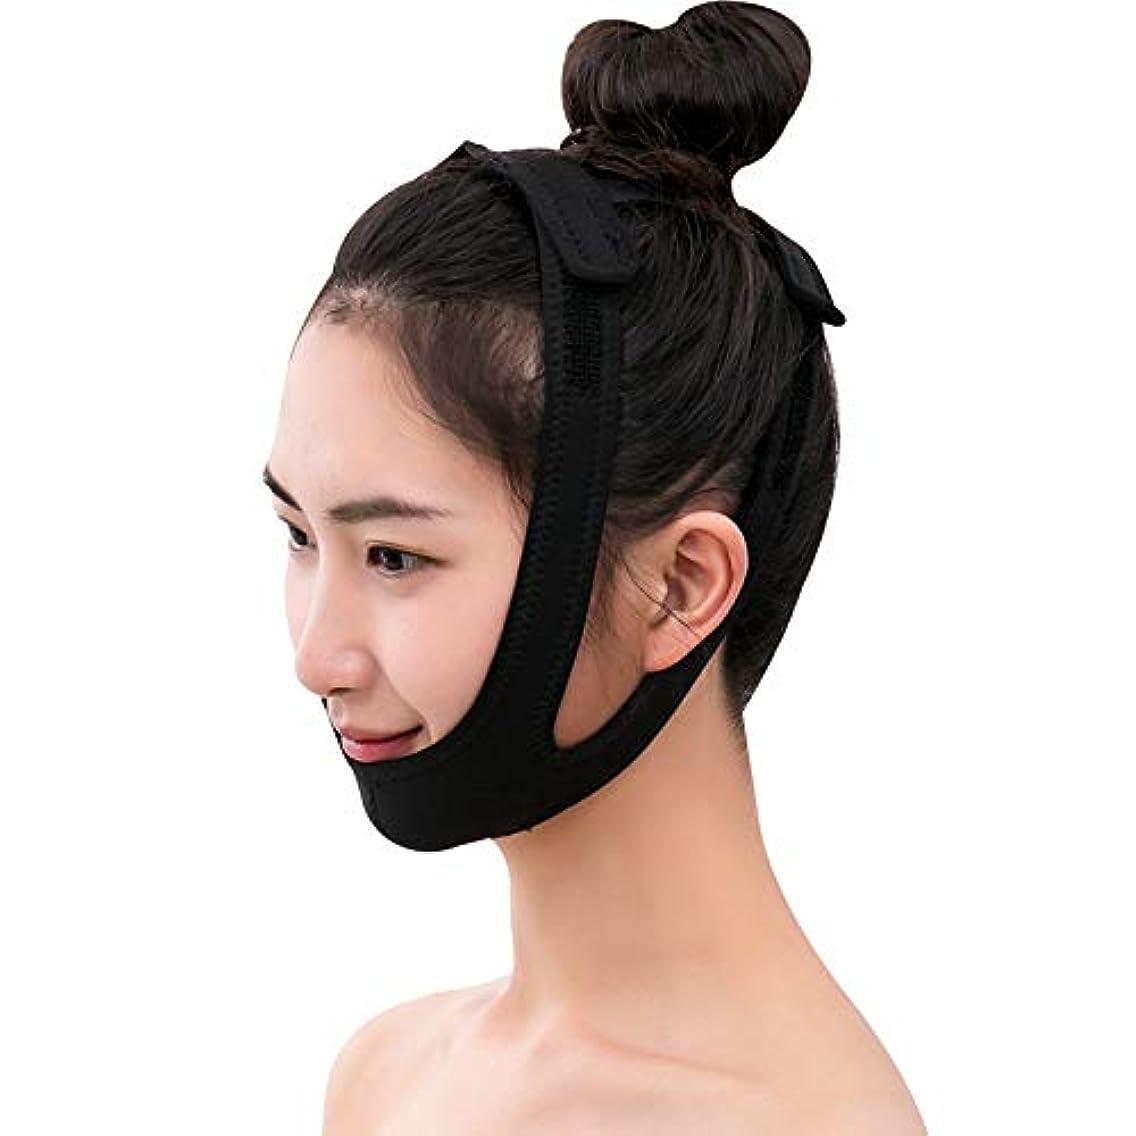 気候連続した女王Rui Peng フェイスリフティングベルト シンフェイスバンド - シンフェイスバンデージ美容機器フェイシャルリフト睡眠マスク法Vフェイスマスクを通気性にする